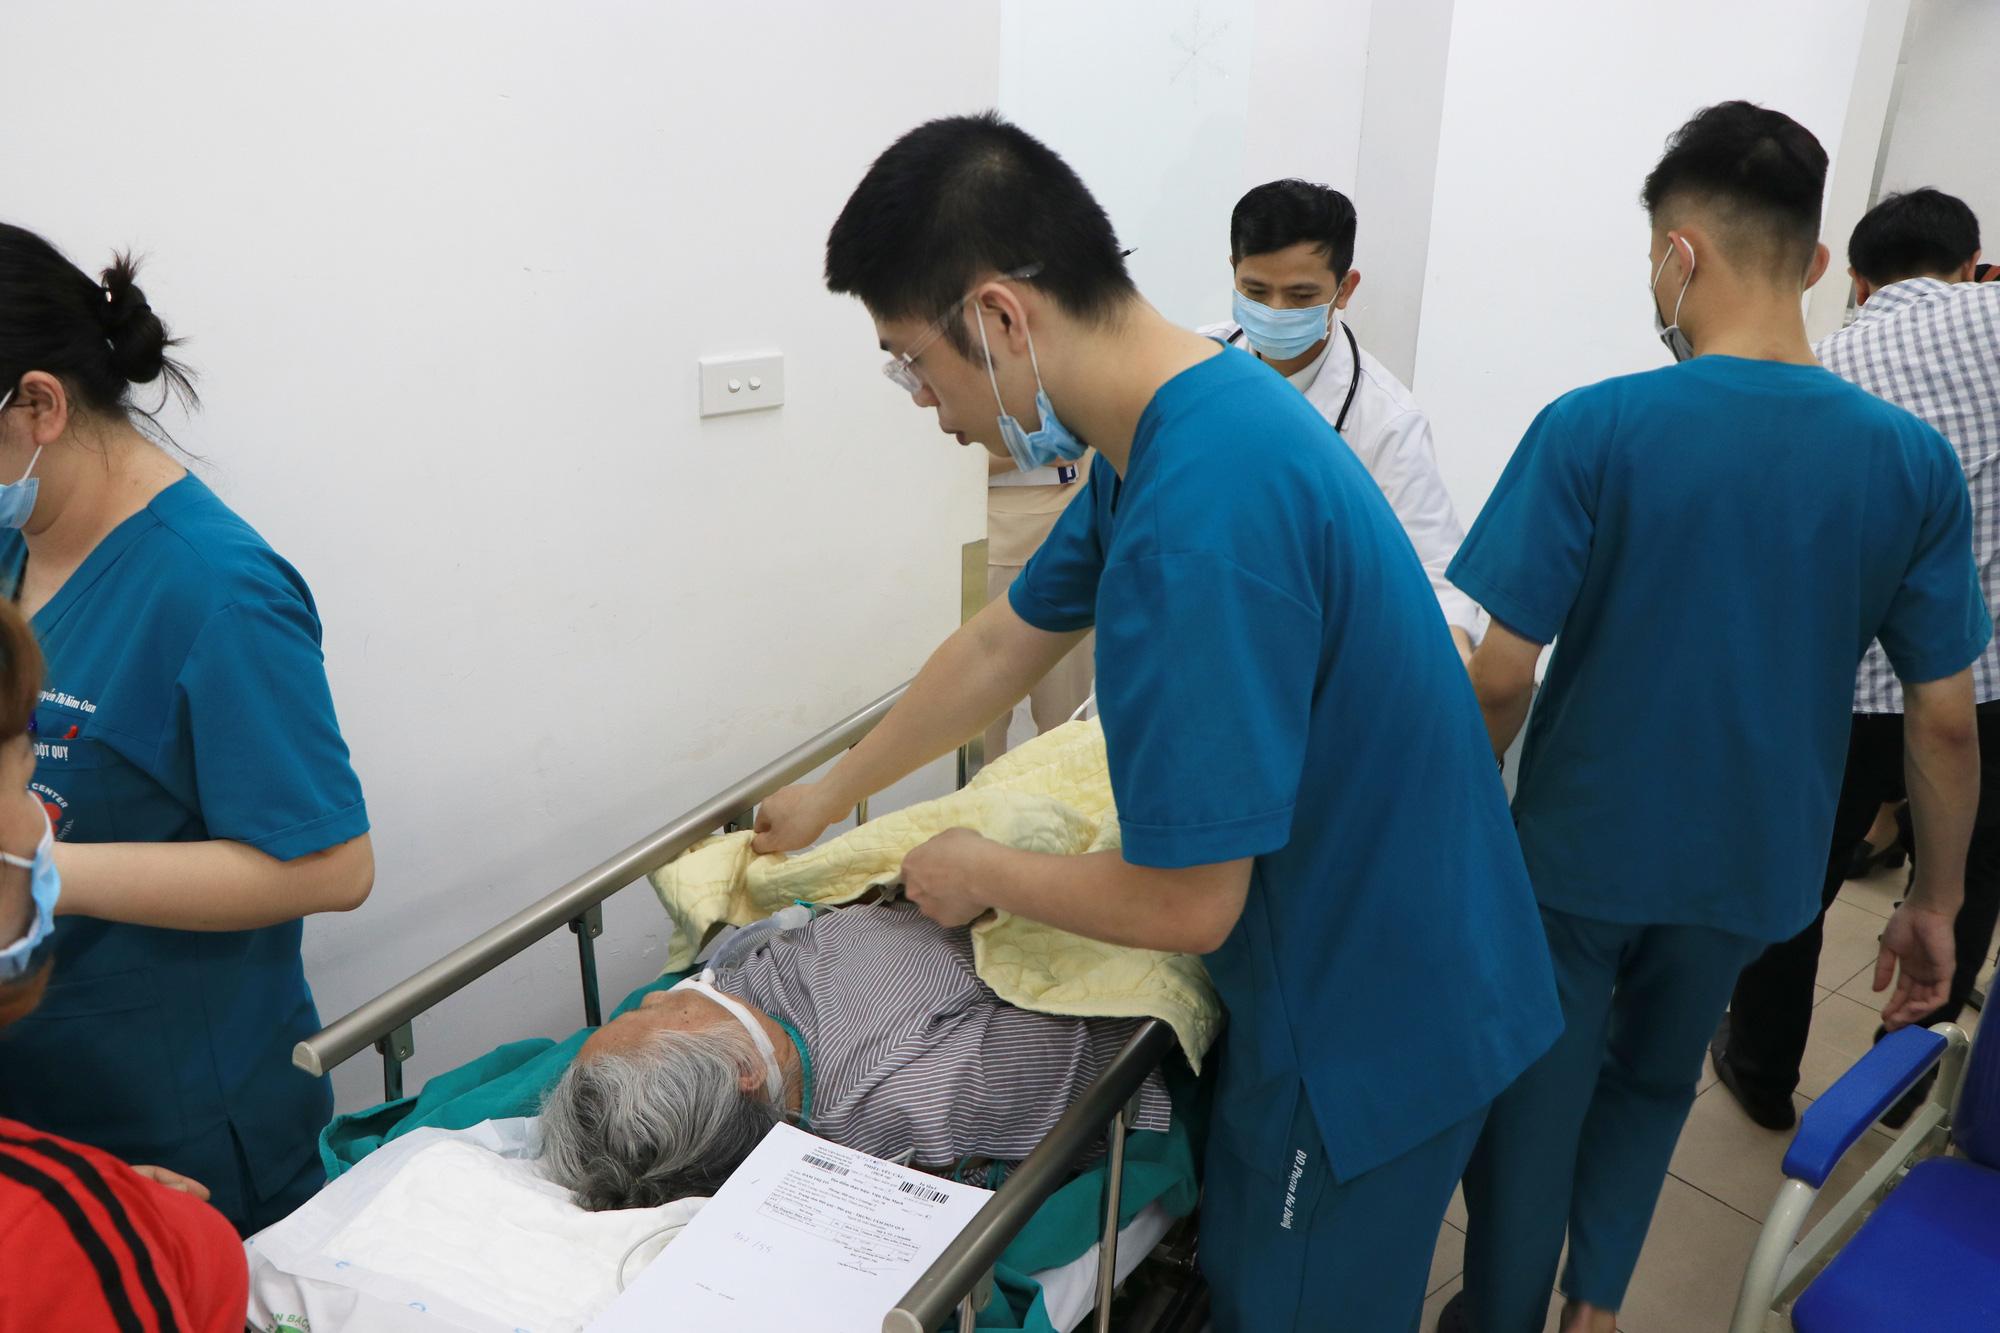 Những câu chuyện sinh tử phía sau phòng bệnh tại Trung tâm đột quỵ Bệnh viện Bạch Mai - Ảnh 1.